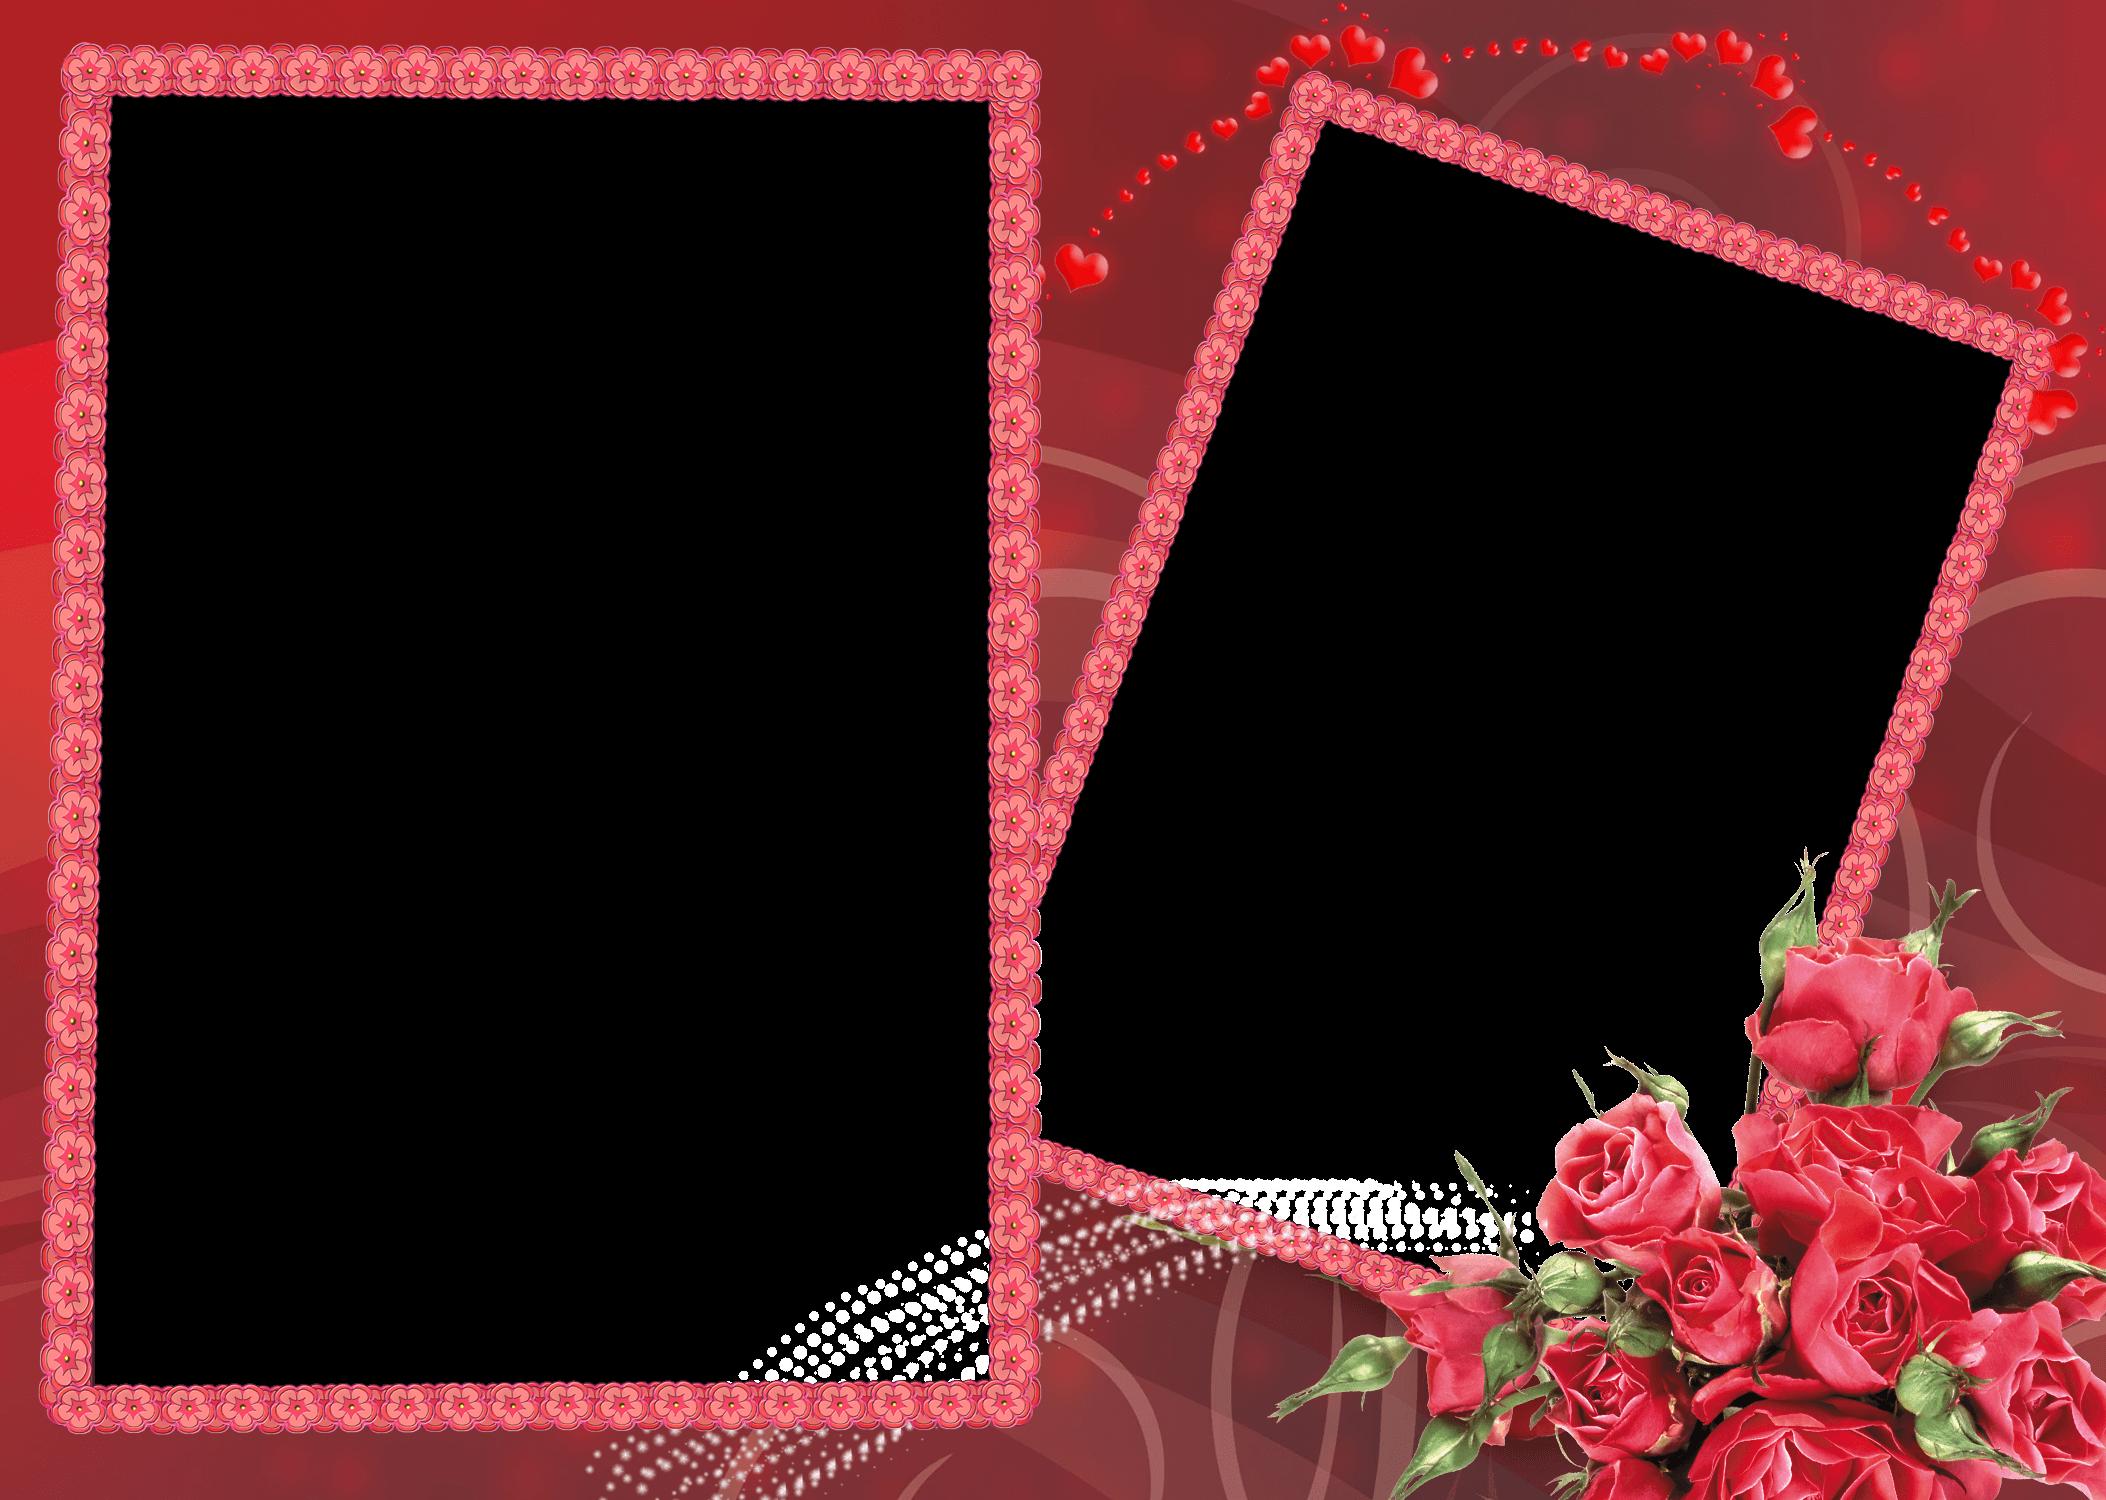 marcos romanticos (93) | Descargar Marcos